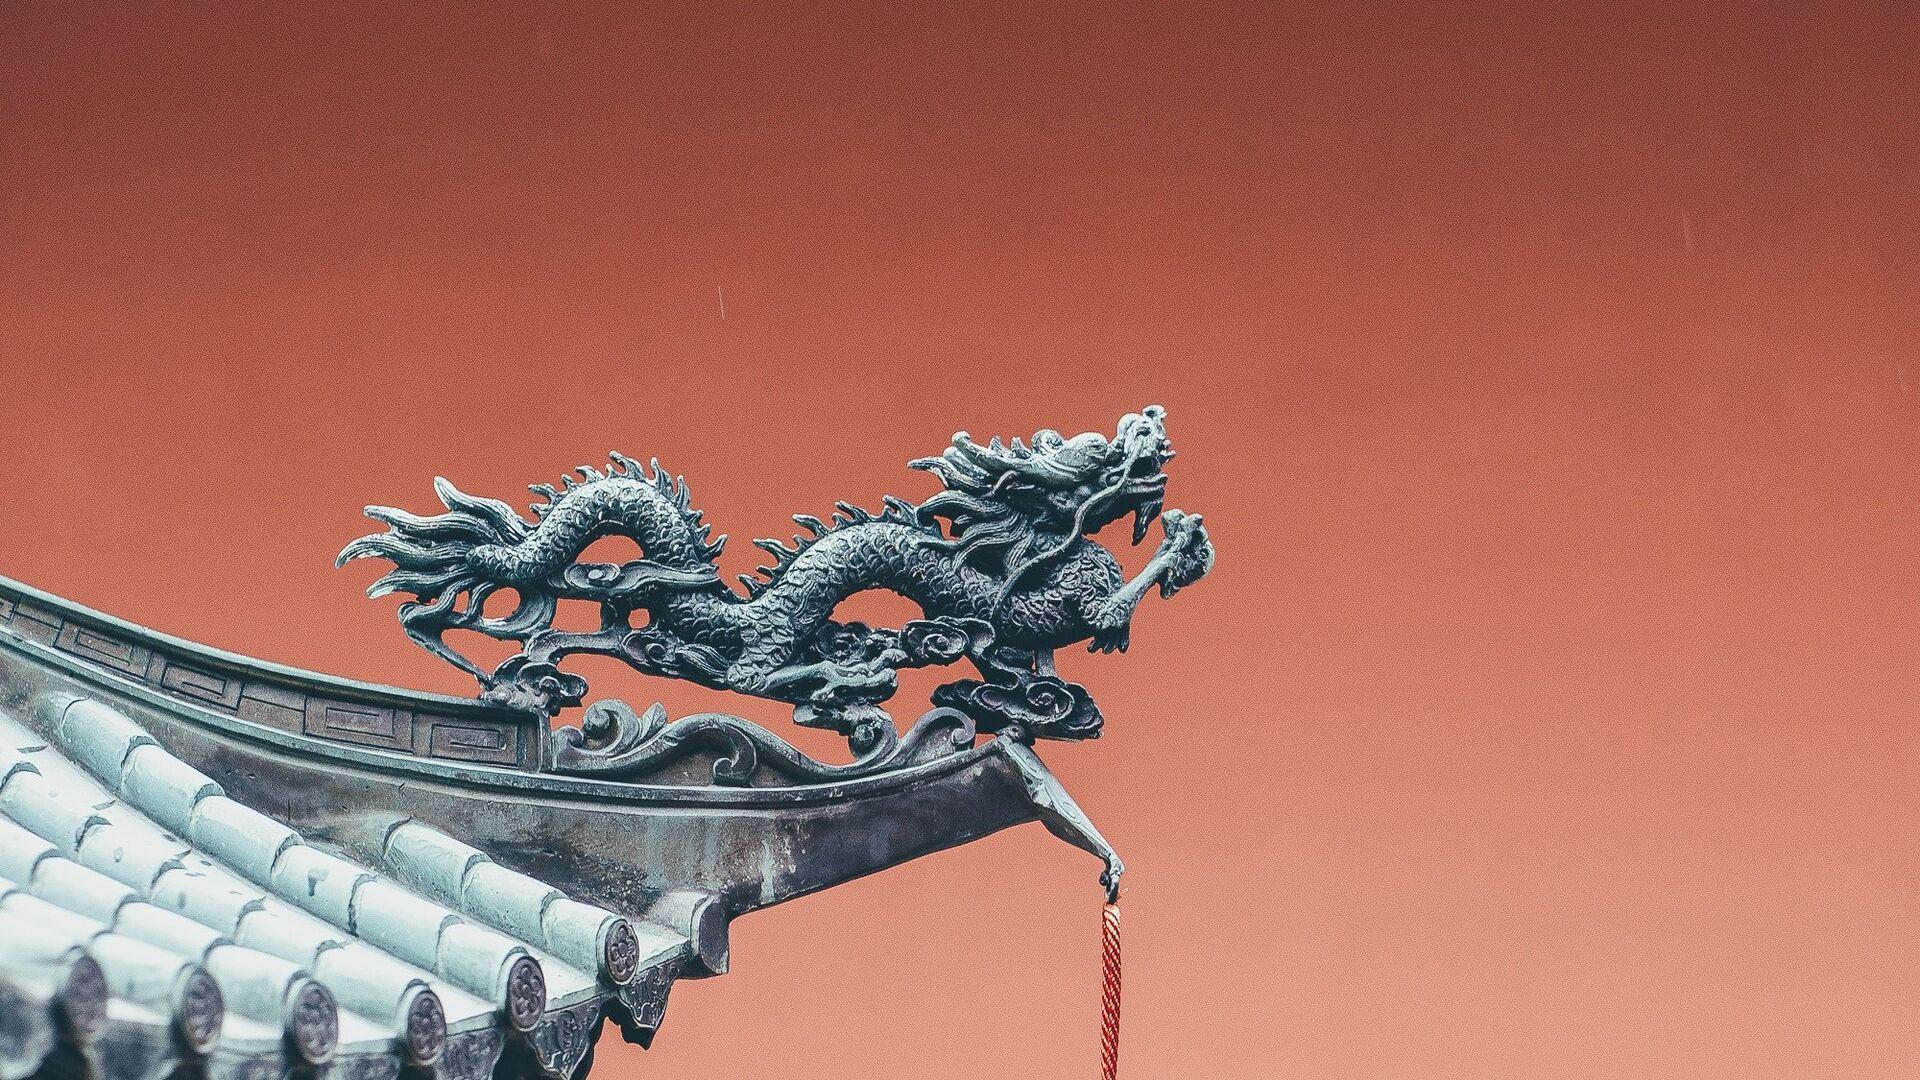 Un dragón chino (imagen referencial) - Sputnik Mundo, 1920, 25.03.2021